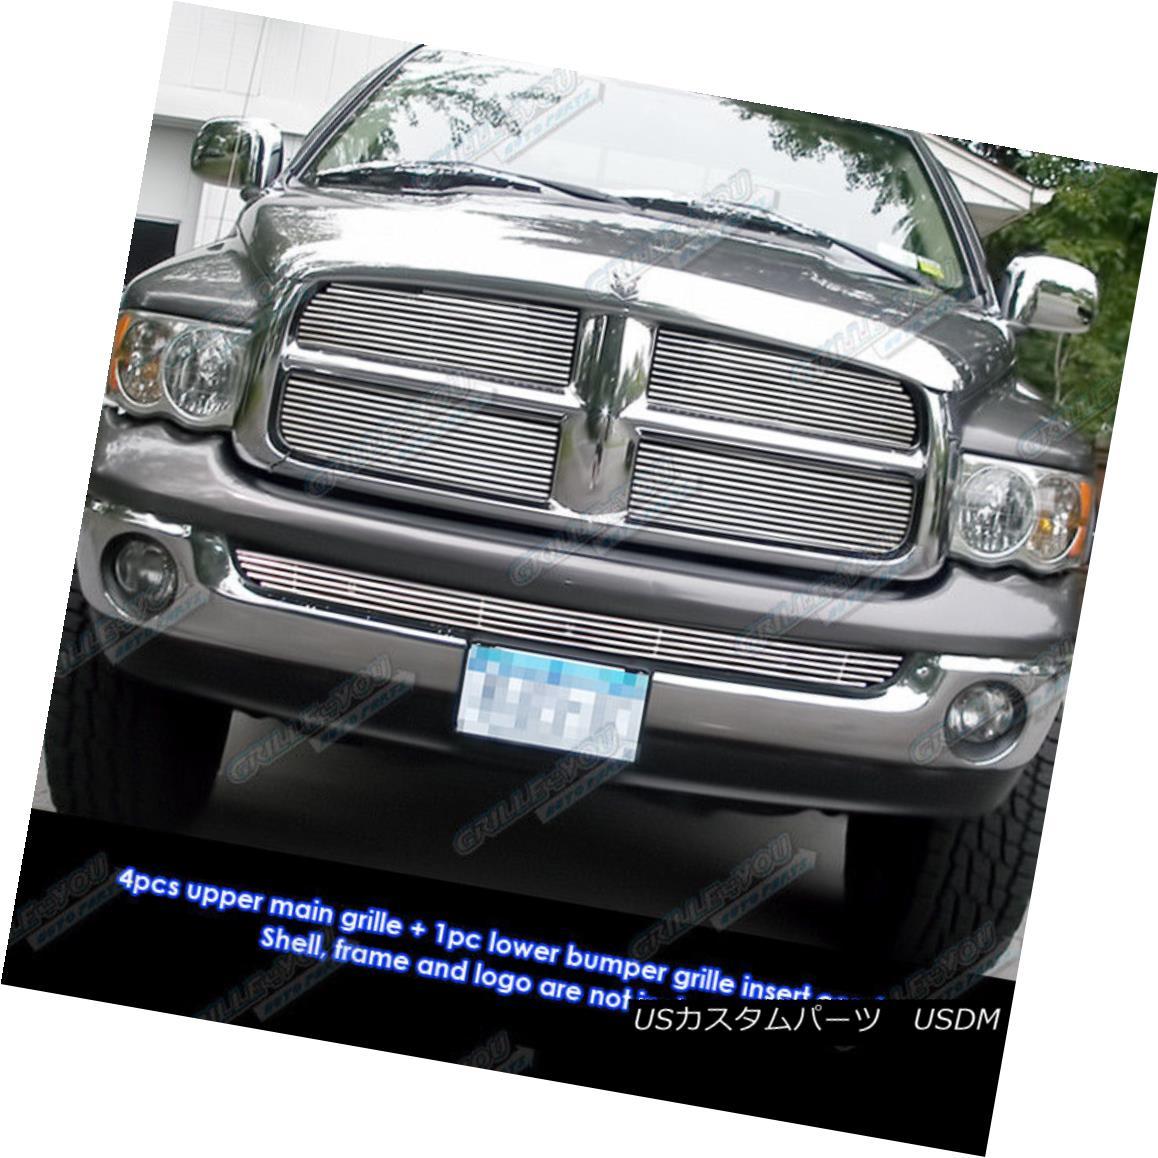 グリル Fits 2002-2005 Dodge Ram Regular Model Phat Billet Grille Combo フィット2002-2005ダッジラムレギュラーモデルファットビレットグリルコンボ